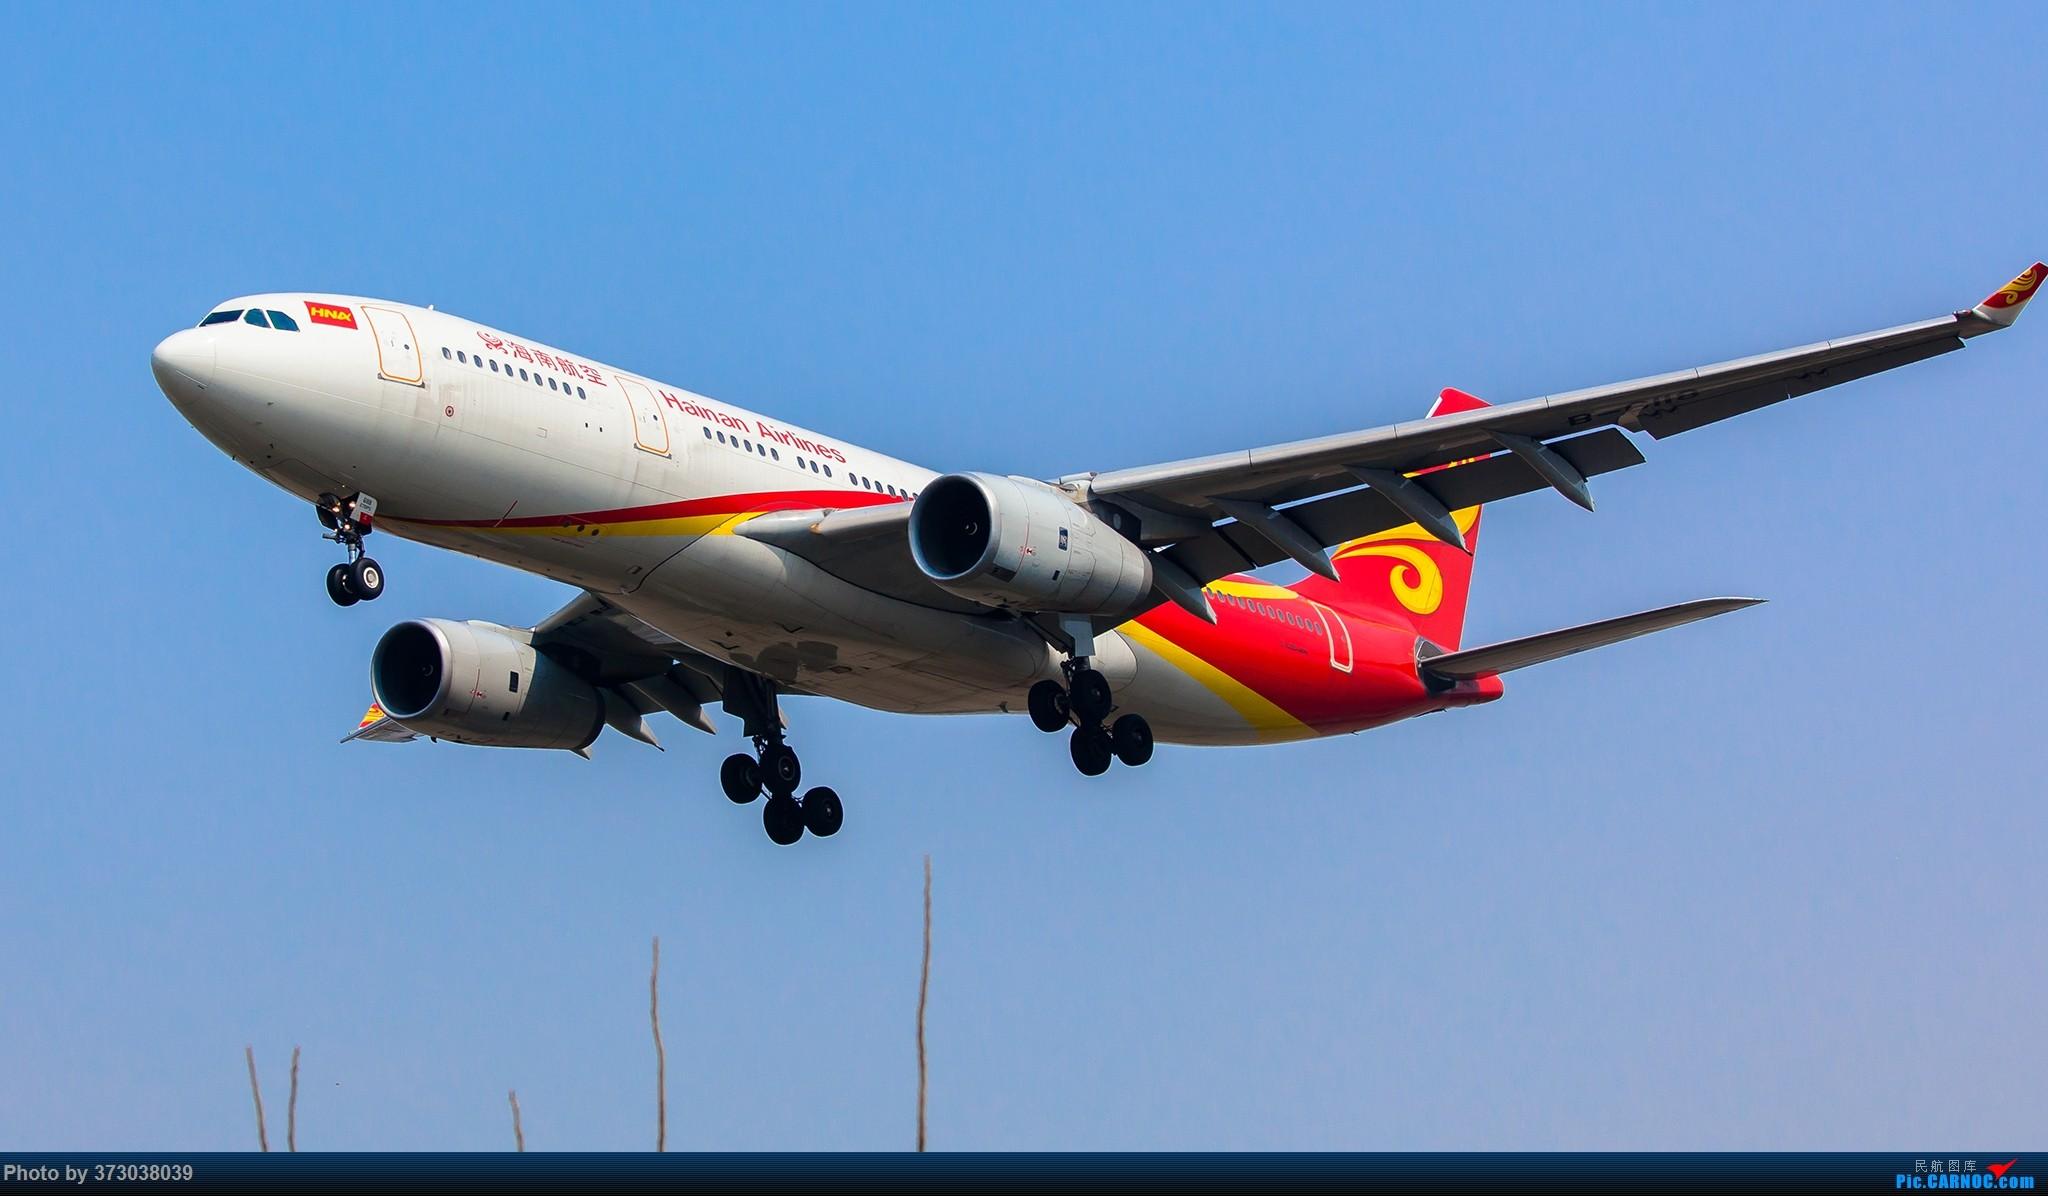 Re:[原创]立春 AIRBUS A330-200 B-6118 中国杭州萧山国际机场  飞友